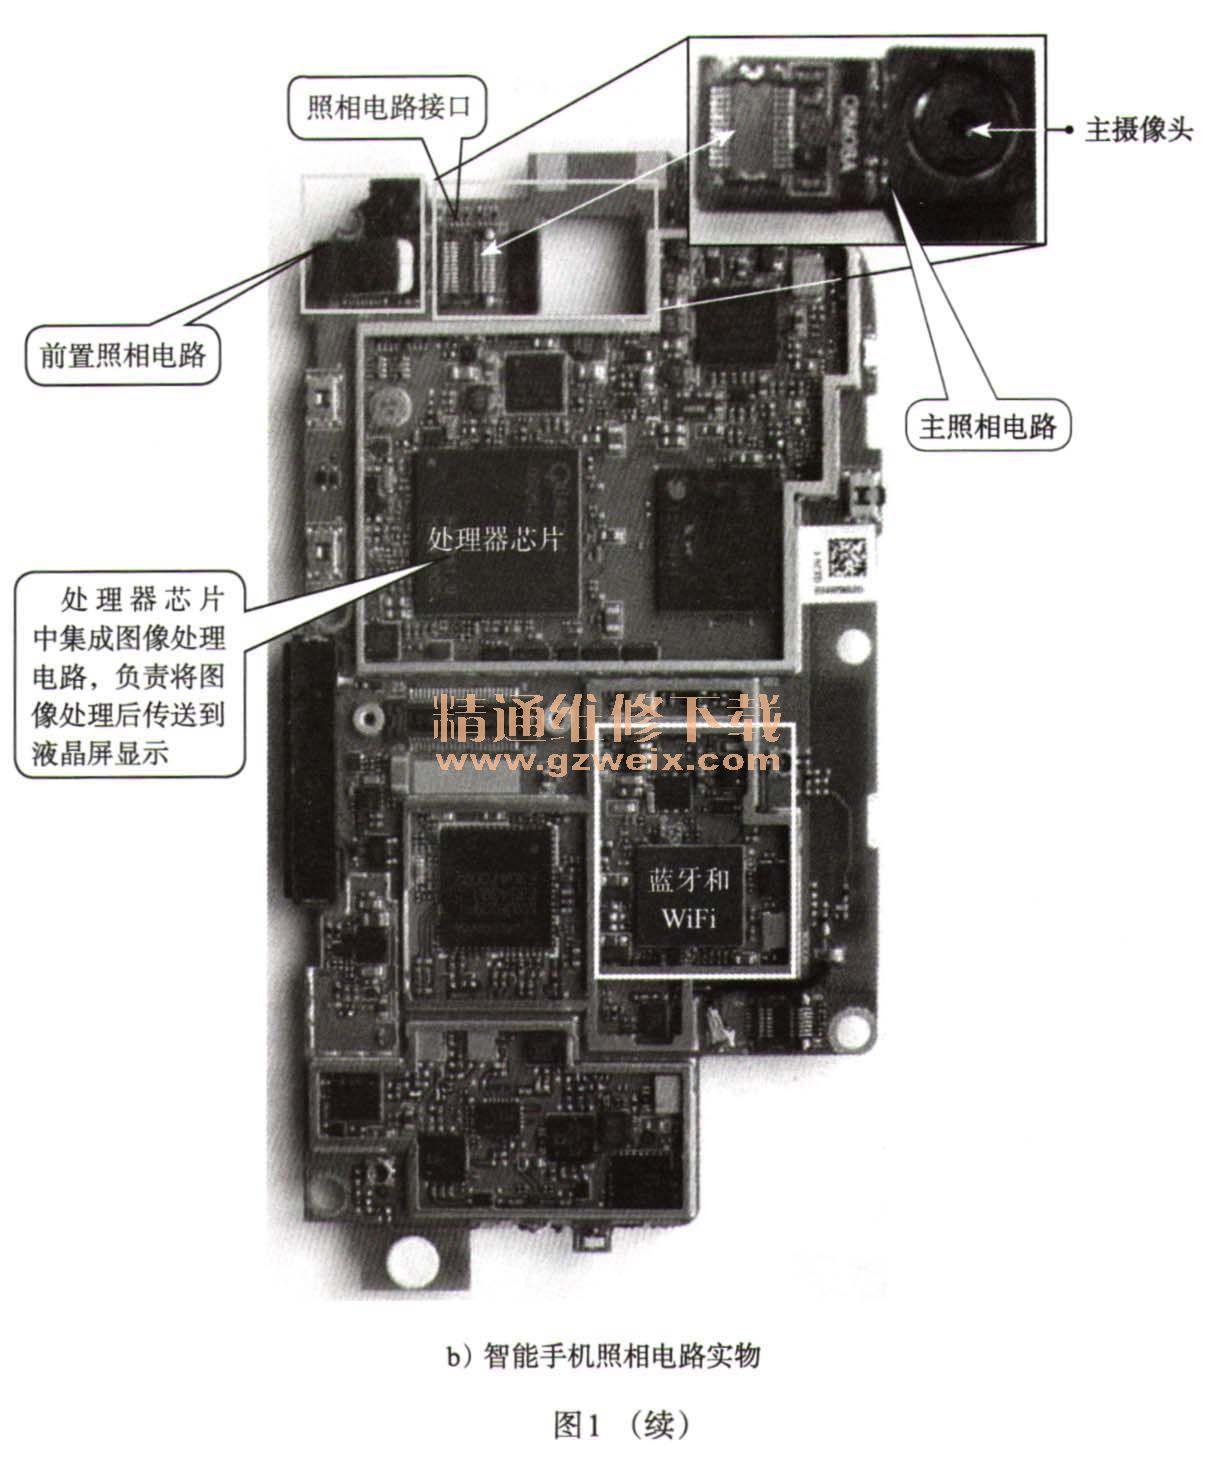 智能手机的照相电路主要由主摄像头,前置摄像头,闪光灯,应用处理器